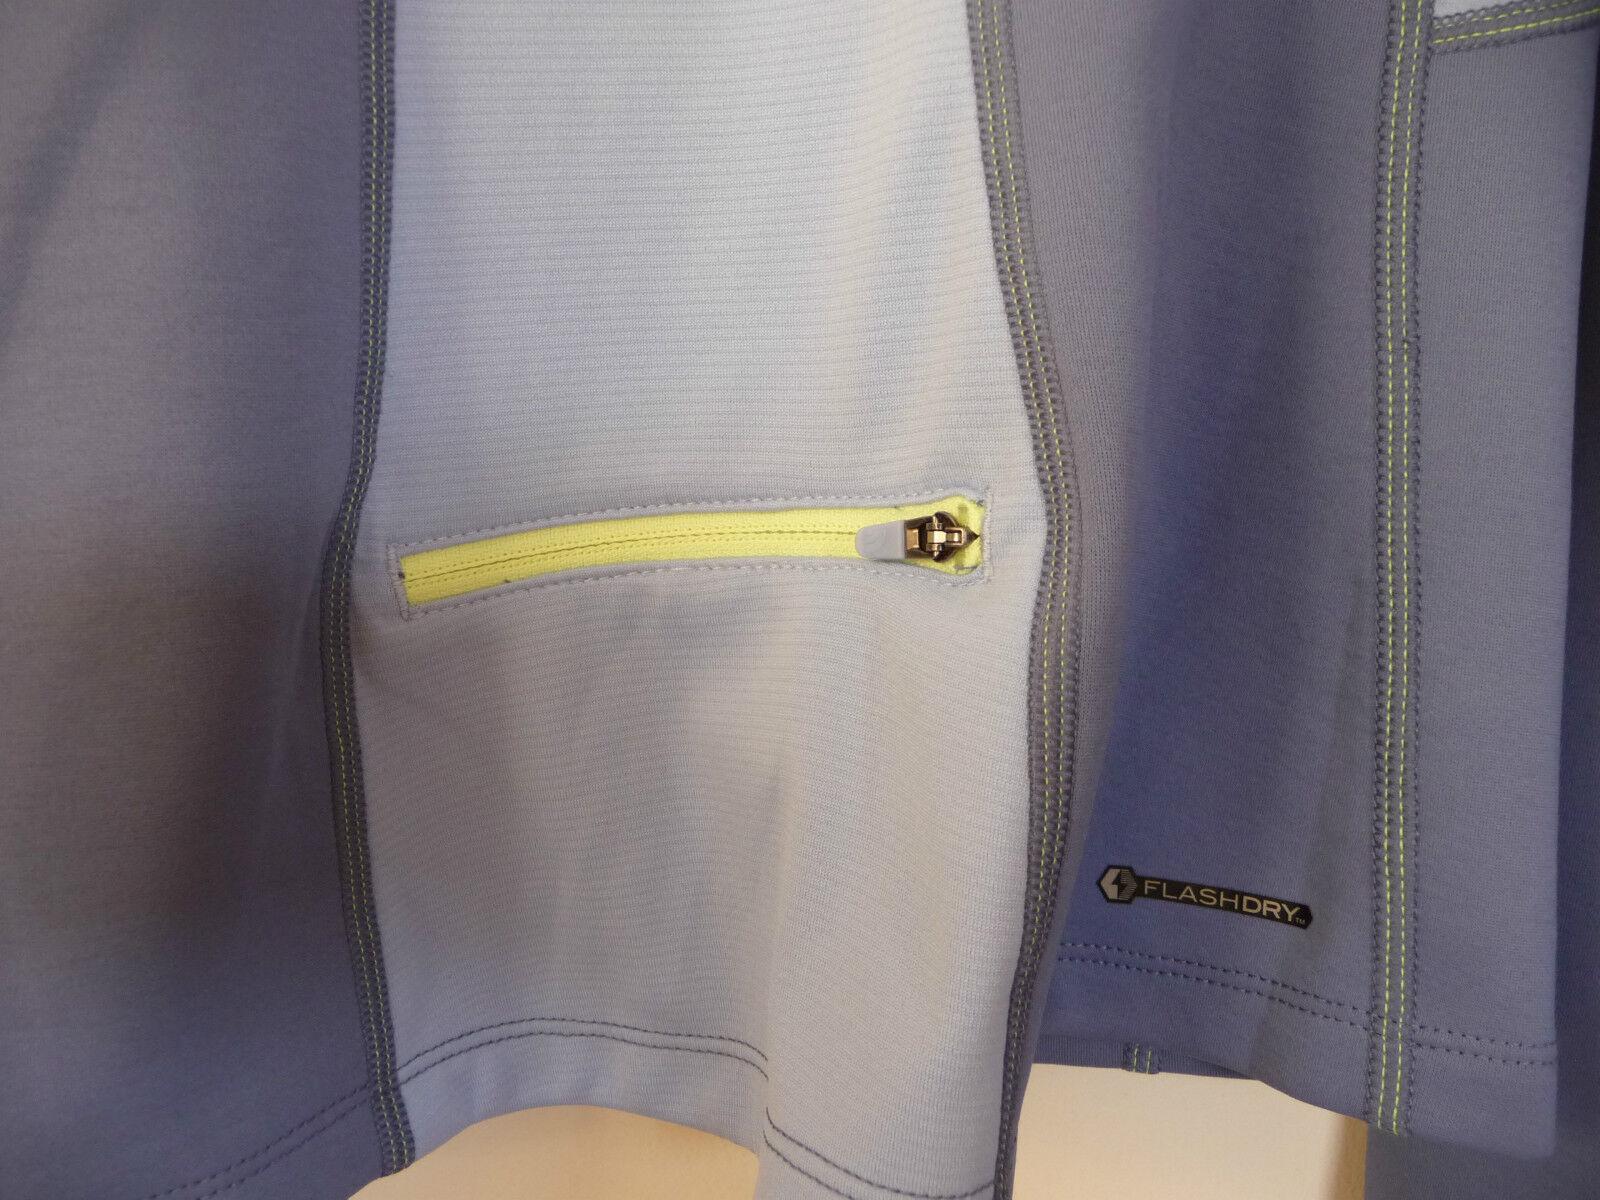 The North Face Damen Dynamik, thermische 1/2 zip l/s-Vlies mittlere Schicht Schicht mittlere XS 7de2ba